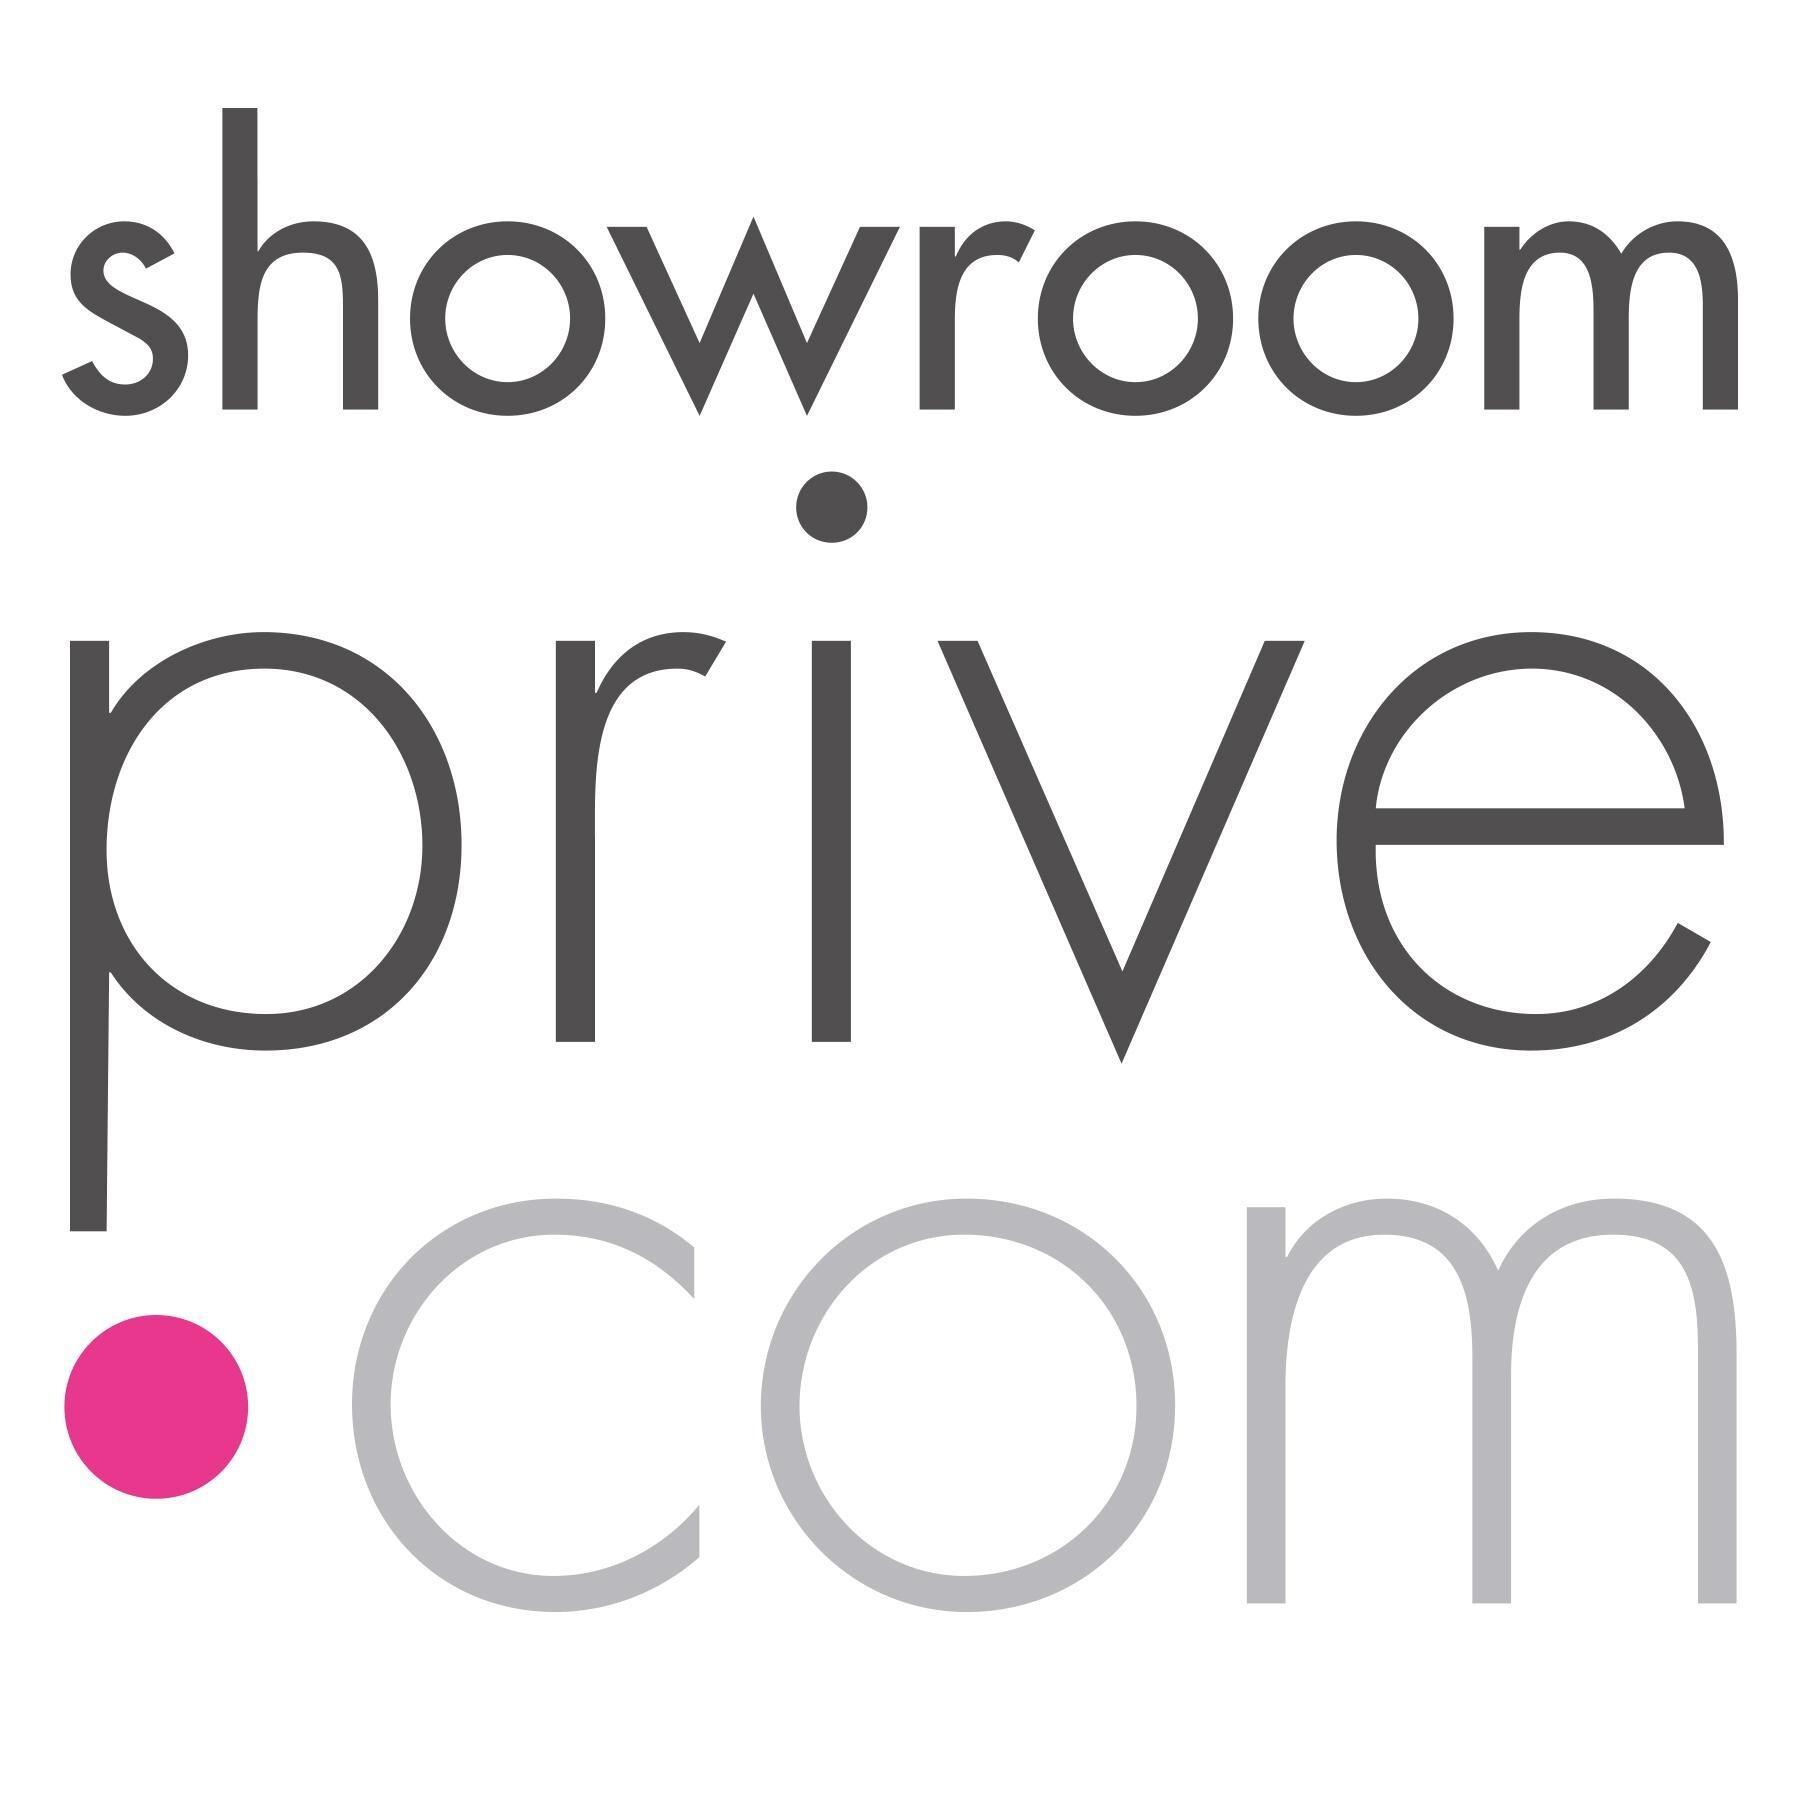 Livraison gratuite en point retrait sur les ventes Mi-Temps Shopping (sans minimum d'achat)